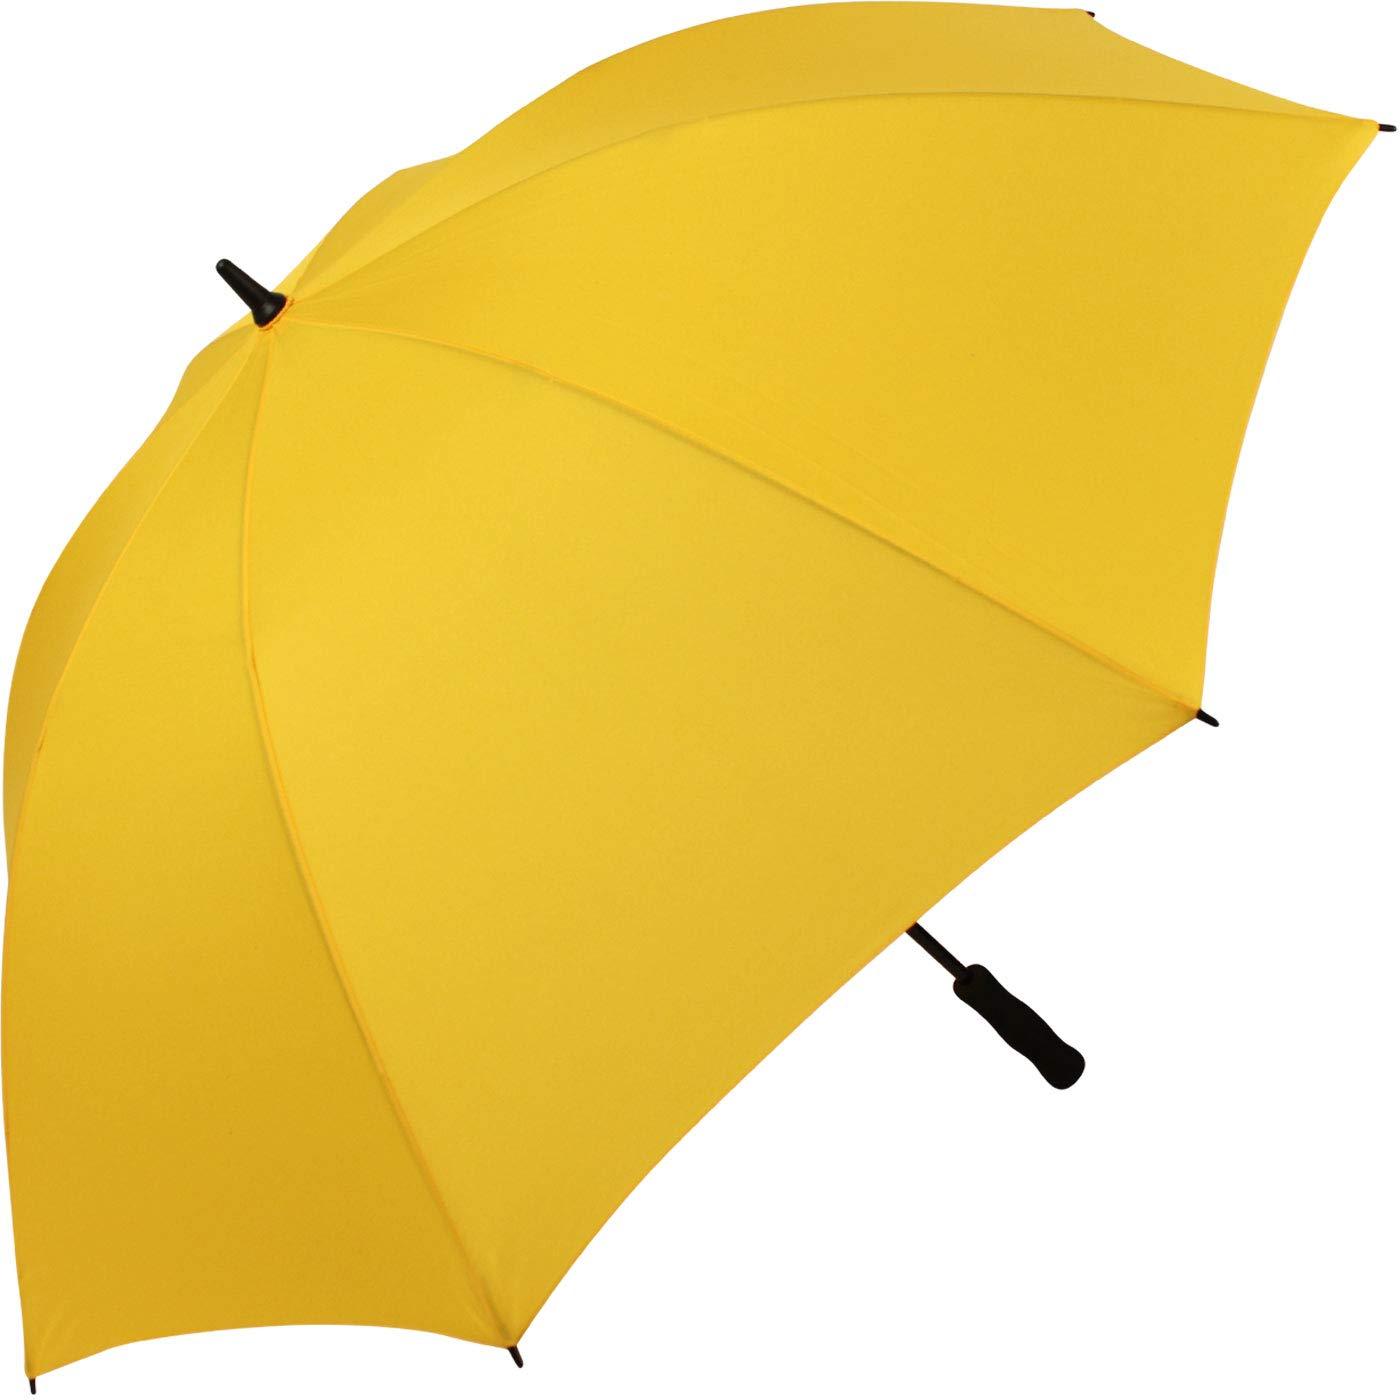 iX-brella Leichter Voll-Fiberglas- Regenschirm für 2 Personen 130 cm - Größe XXL - Golfschirm stabil - gelb